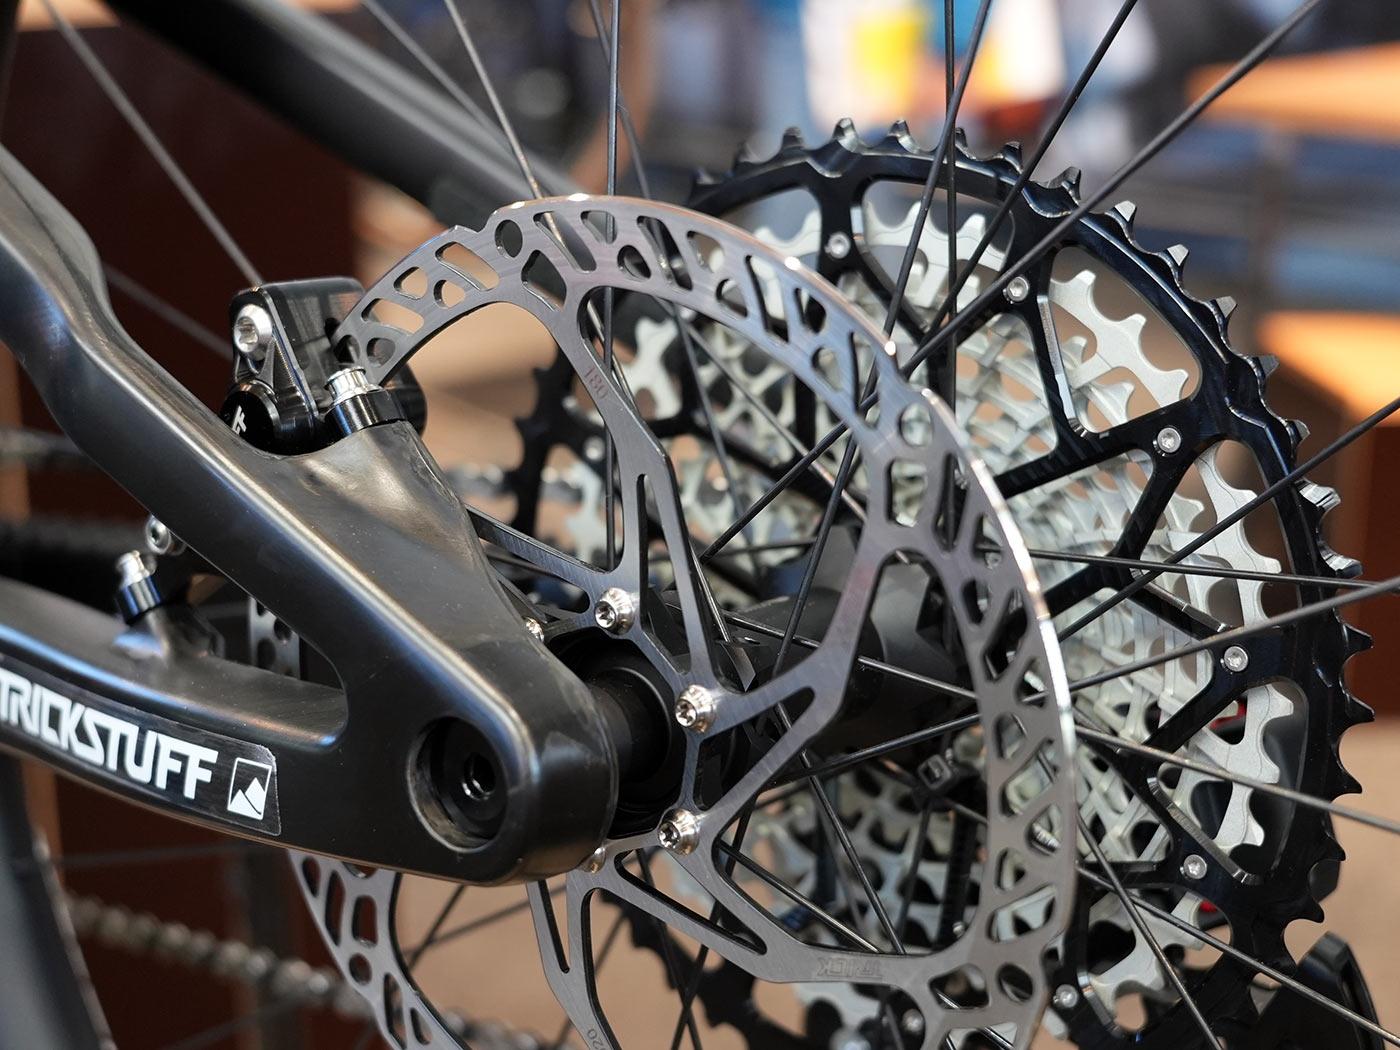 trickstuff brake rotors